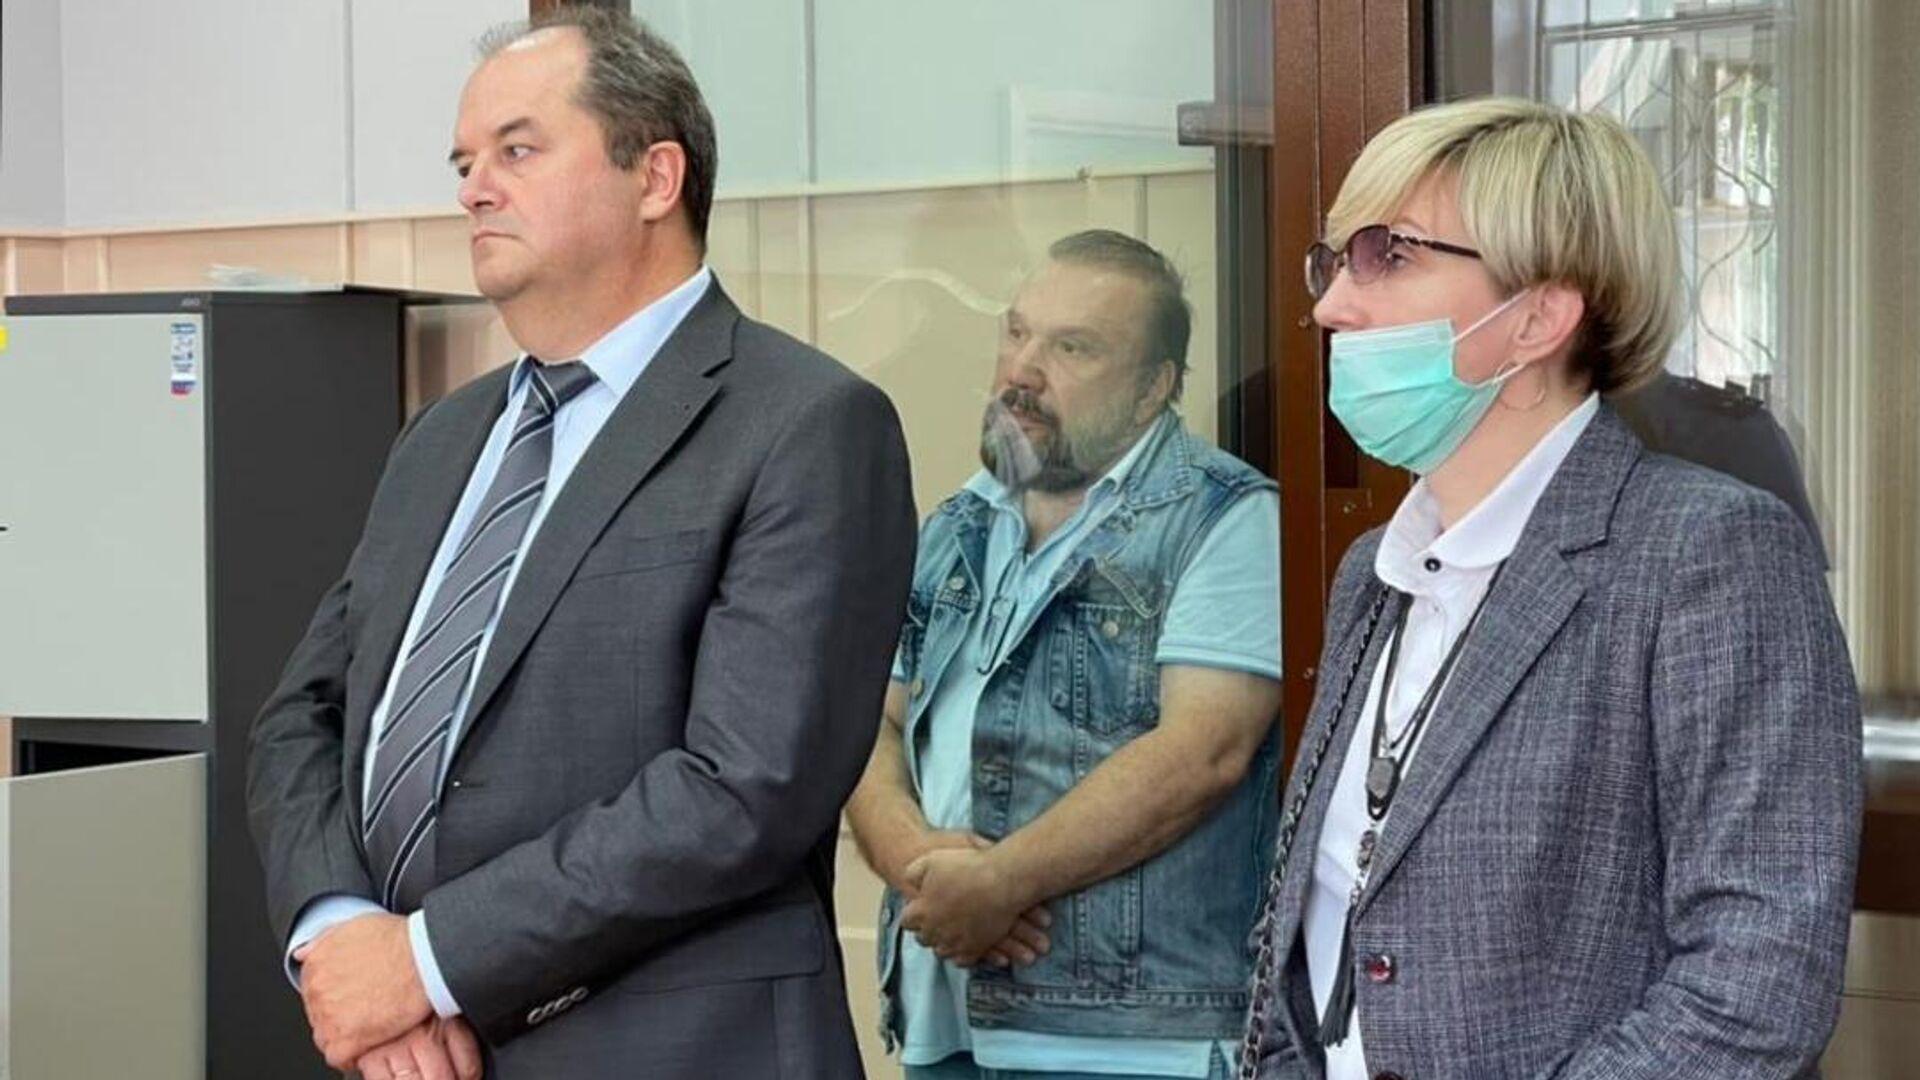 Бизнесмен Виктор Батурин на заседании Басманного суда Москвы - РИА Новости, 1920, 02.07.2021